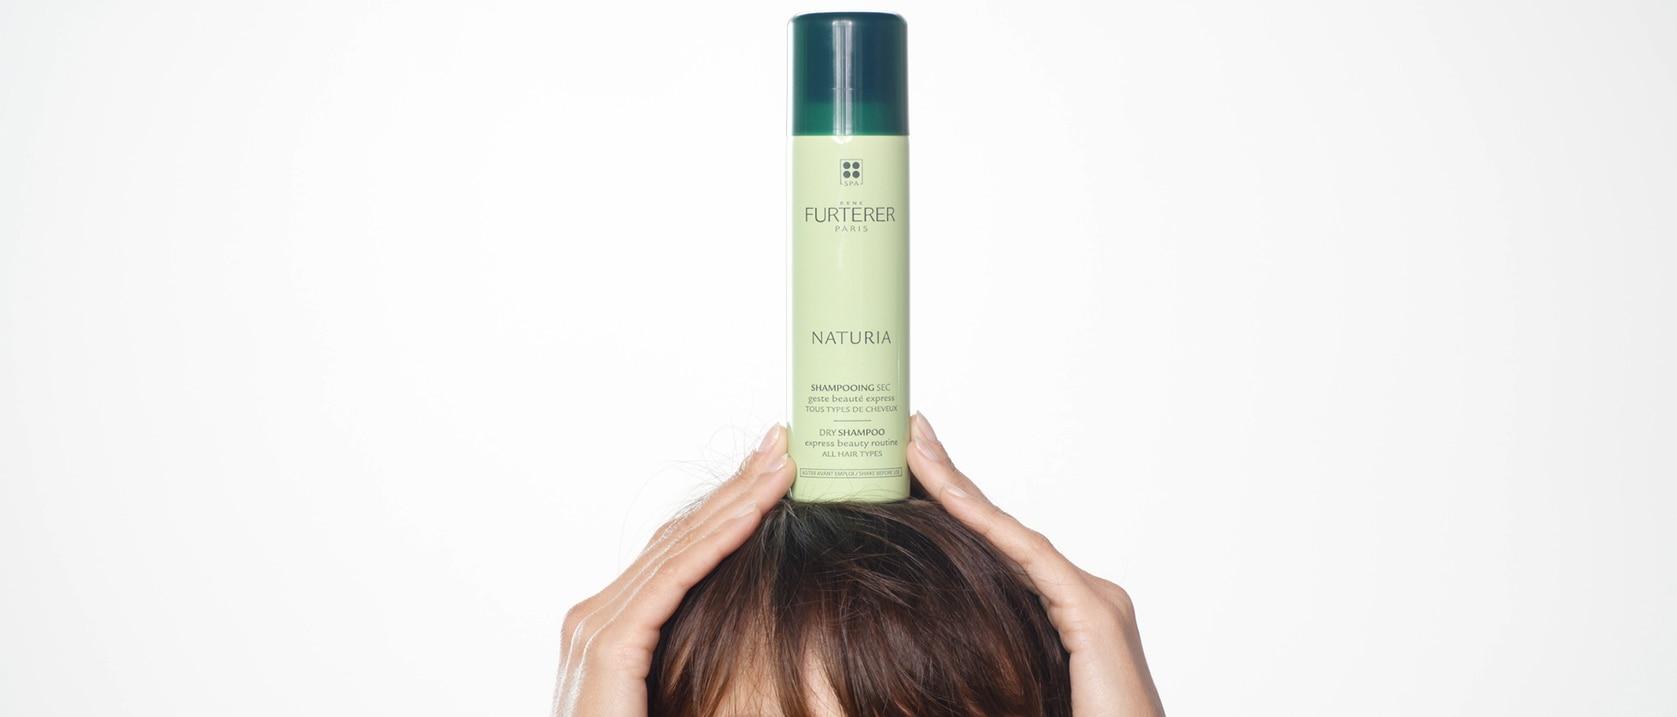 NATURIA Dry shampoo application video    René Furterer